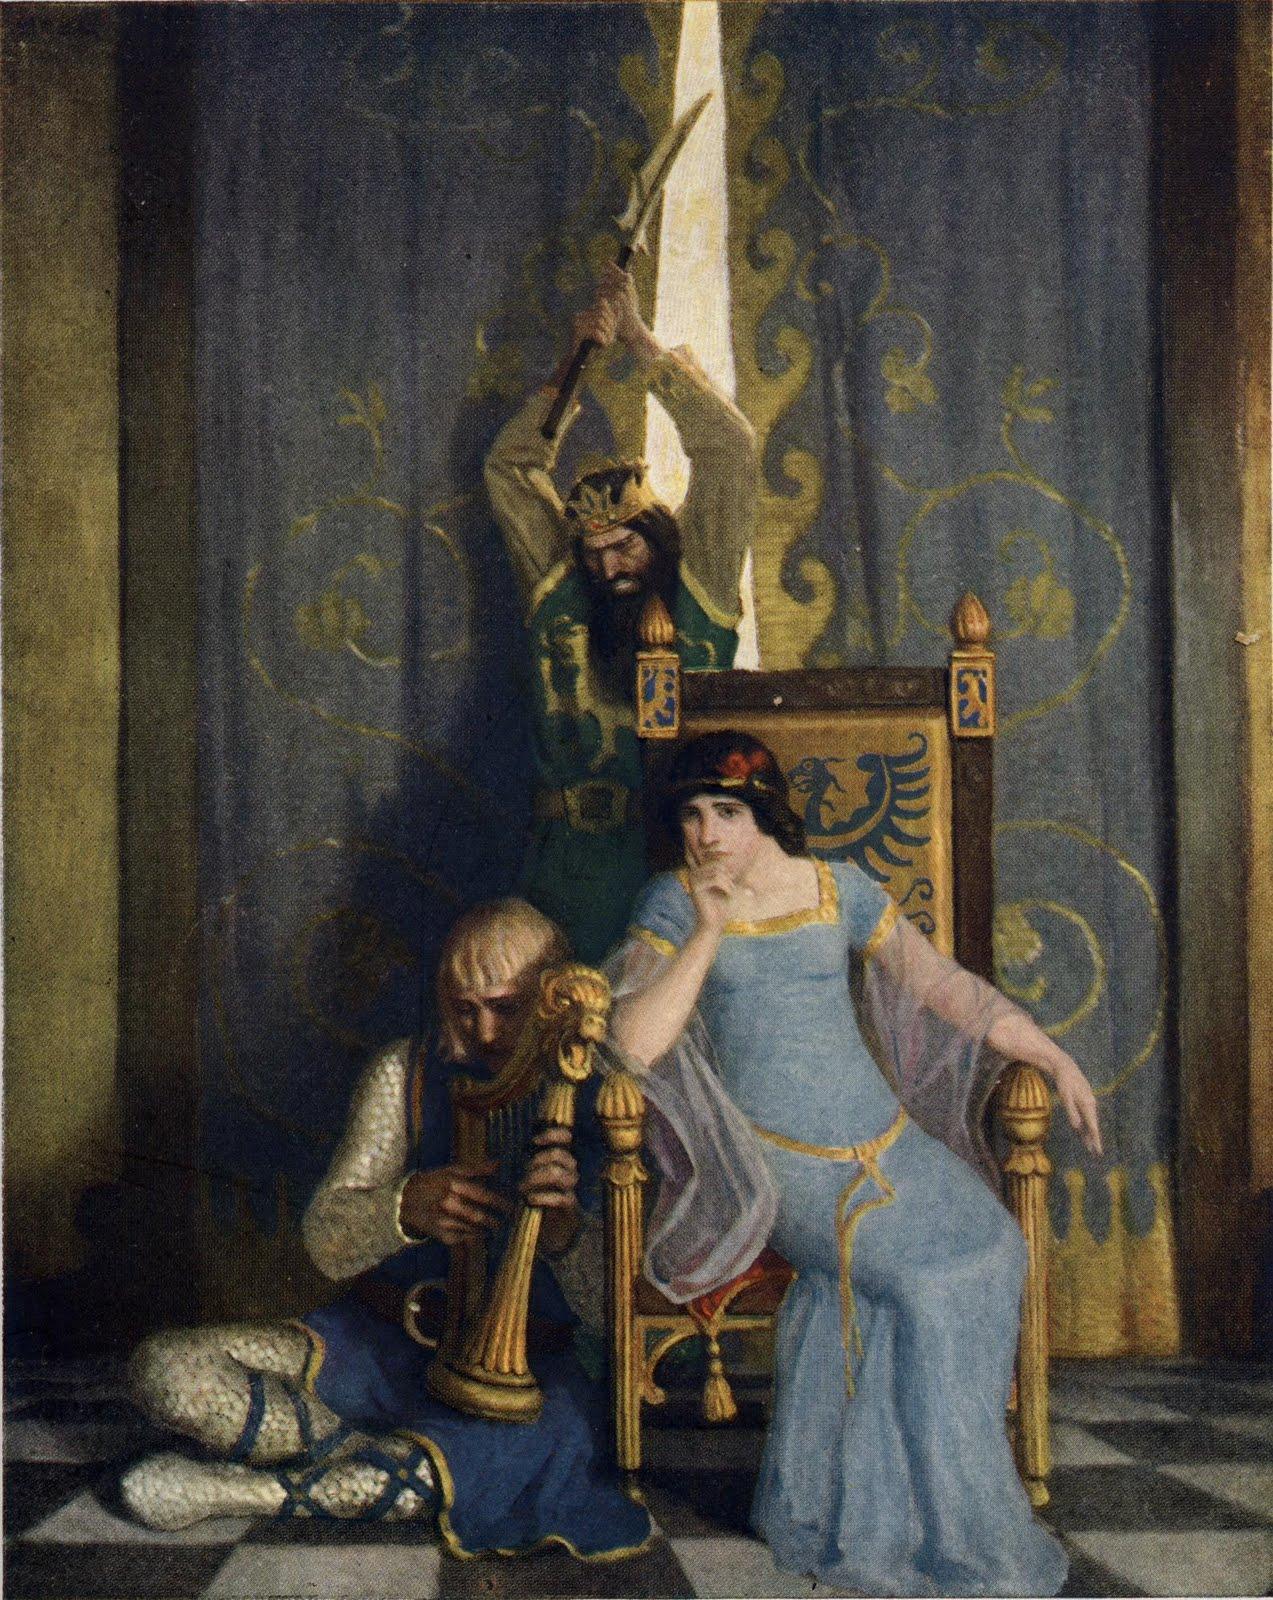 NC Wyeth silent king arthur